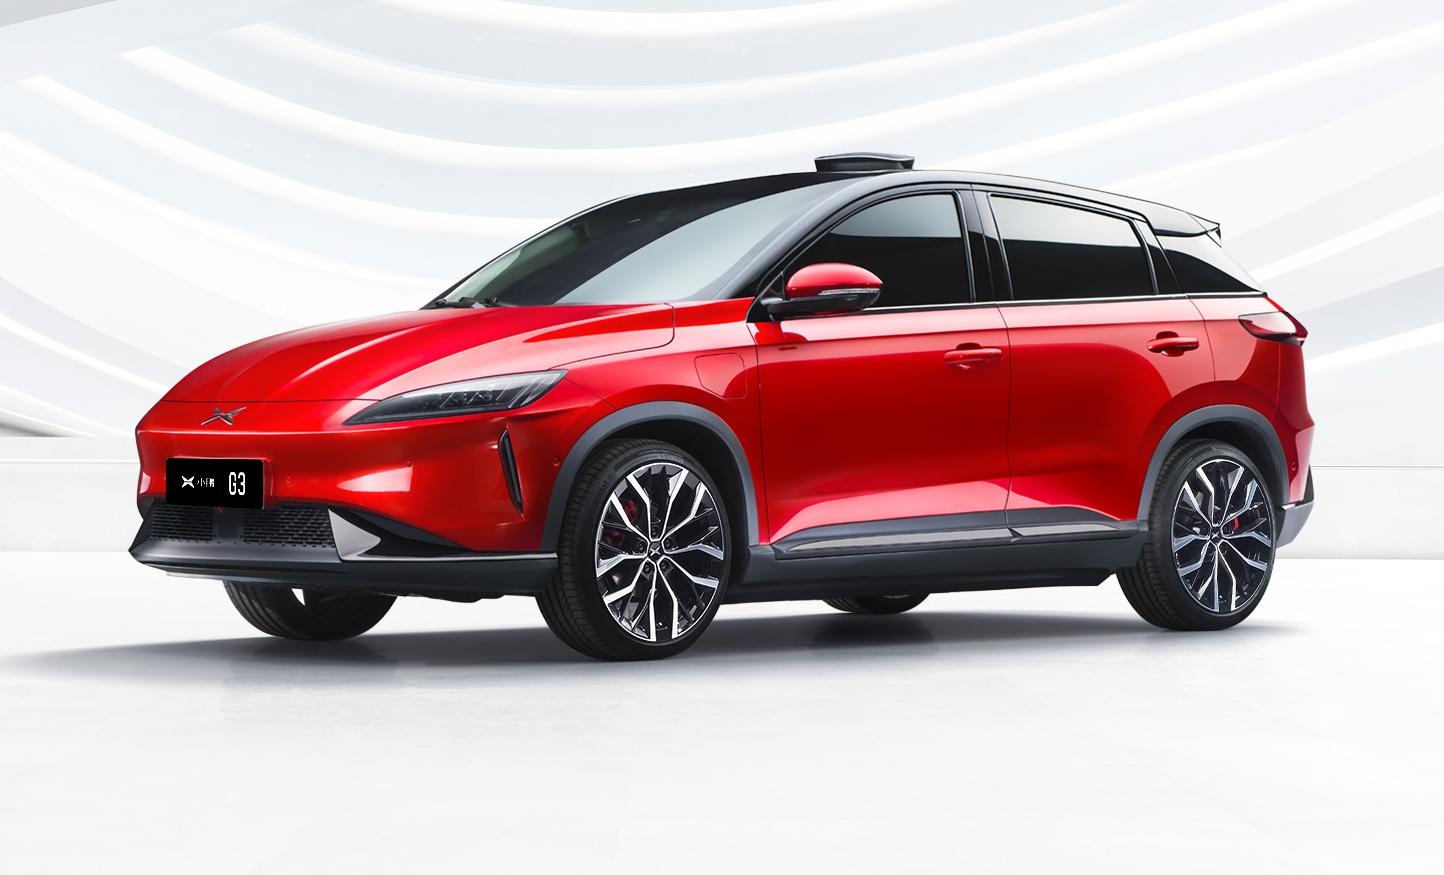 小鹏G3 4月销量2200辆 荣登造车新势力单月销量第一名